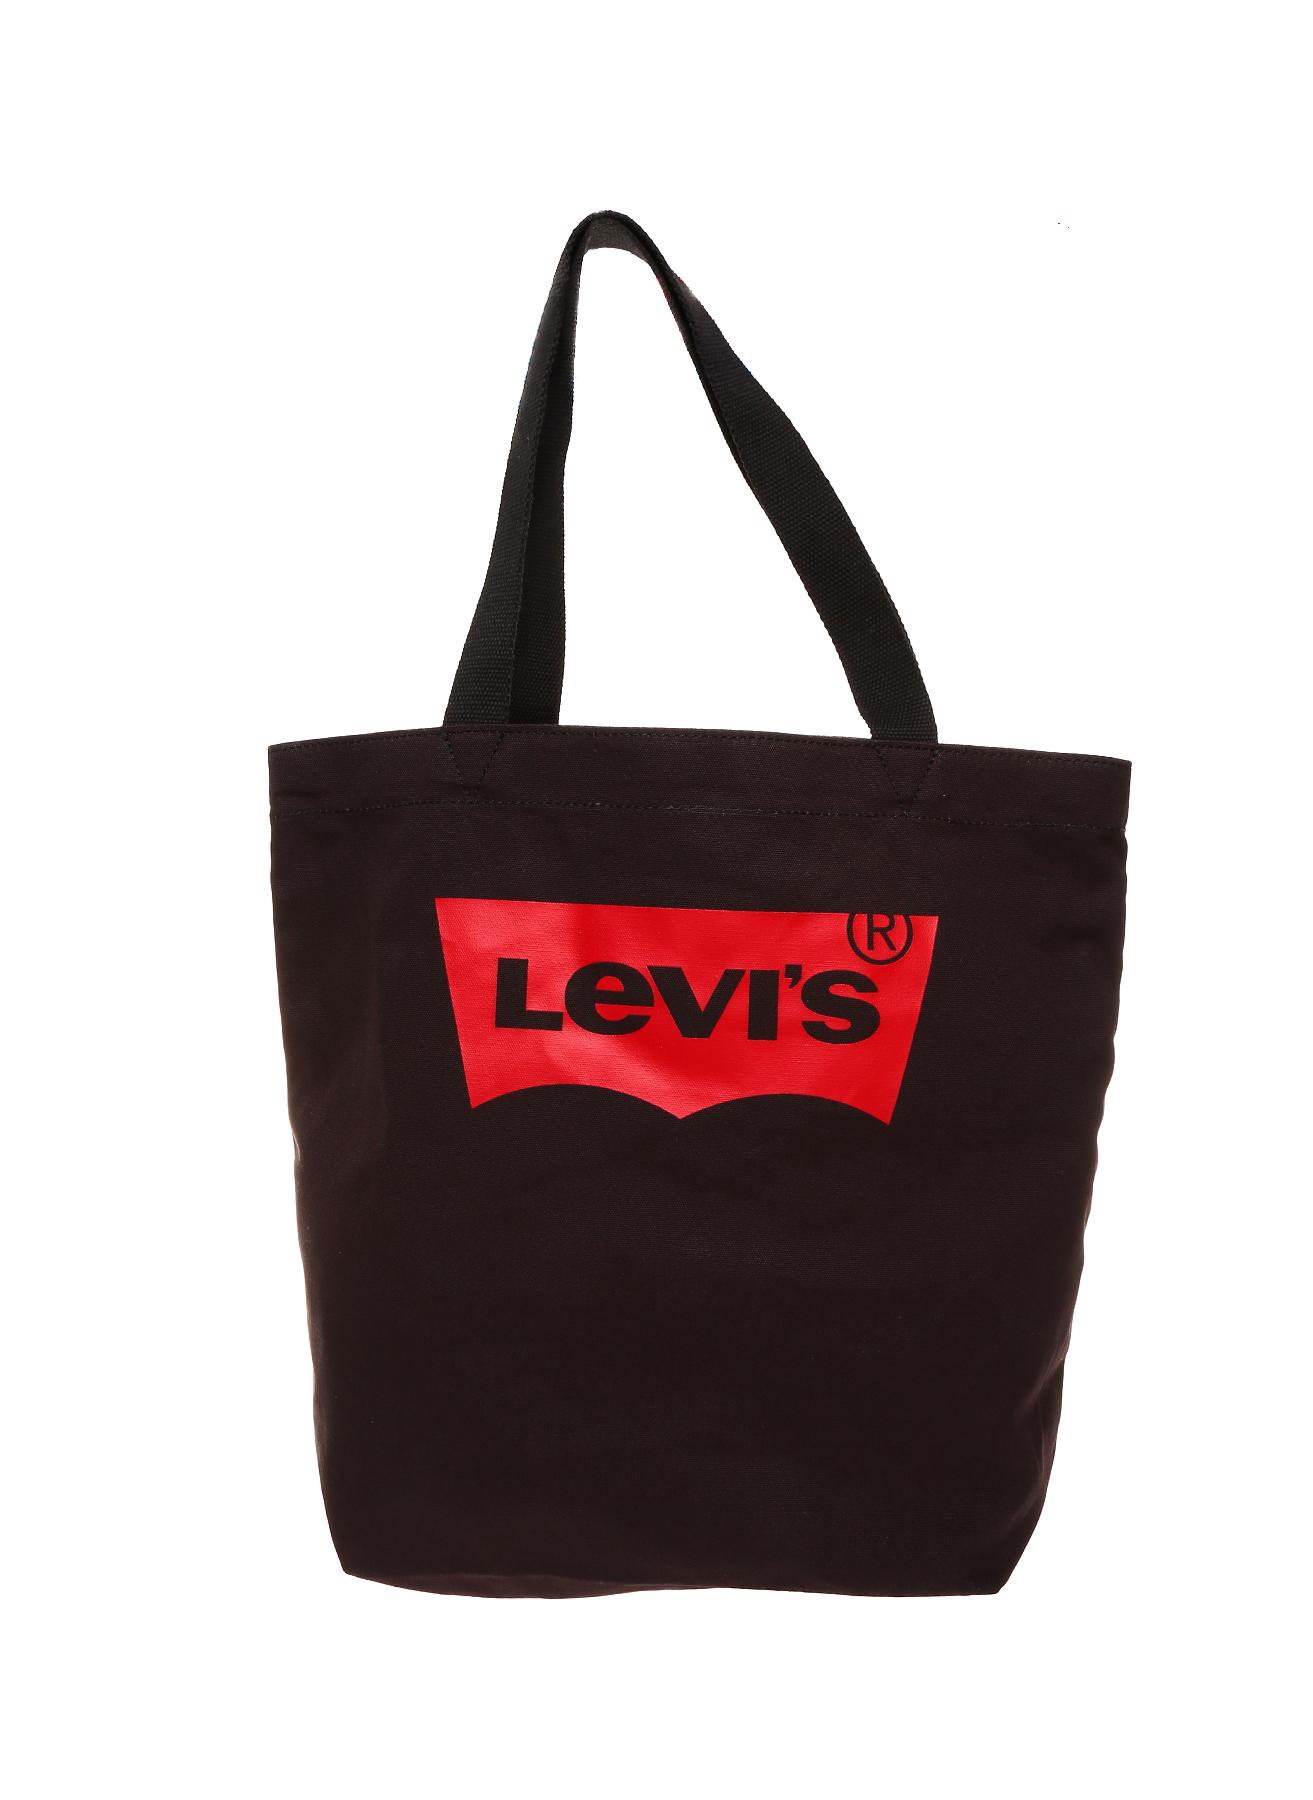 5f4f232323128 Brand-Store | En Sevdiğiniz Markalar, En Sevdiğiniz Mağazalar | Omuz ...